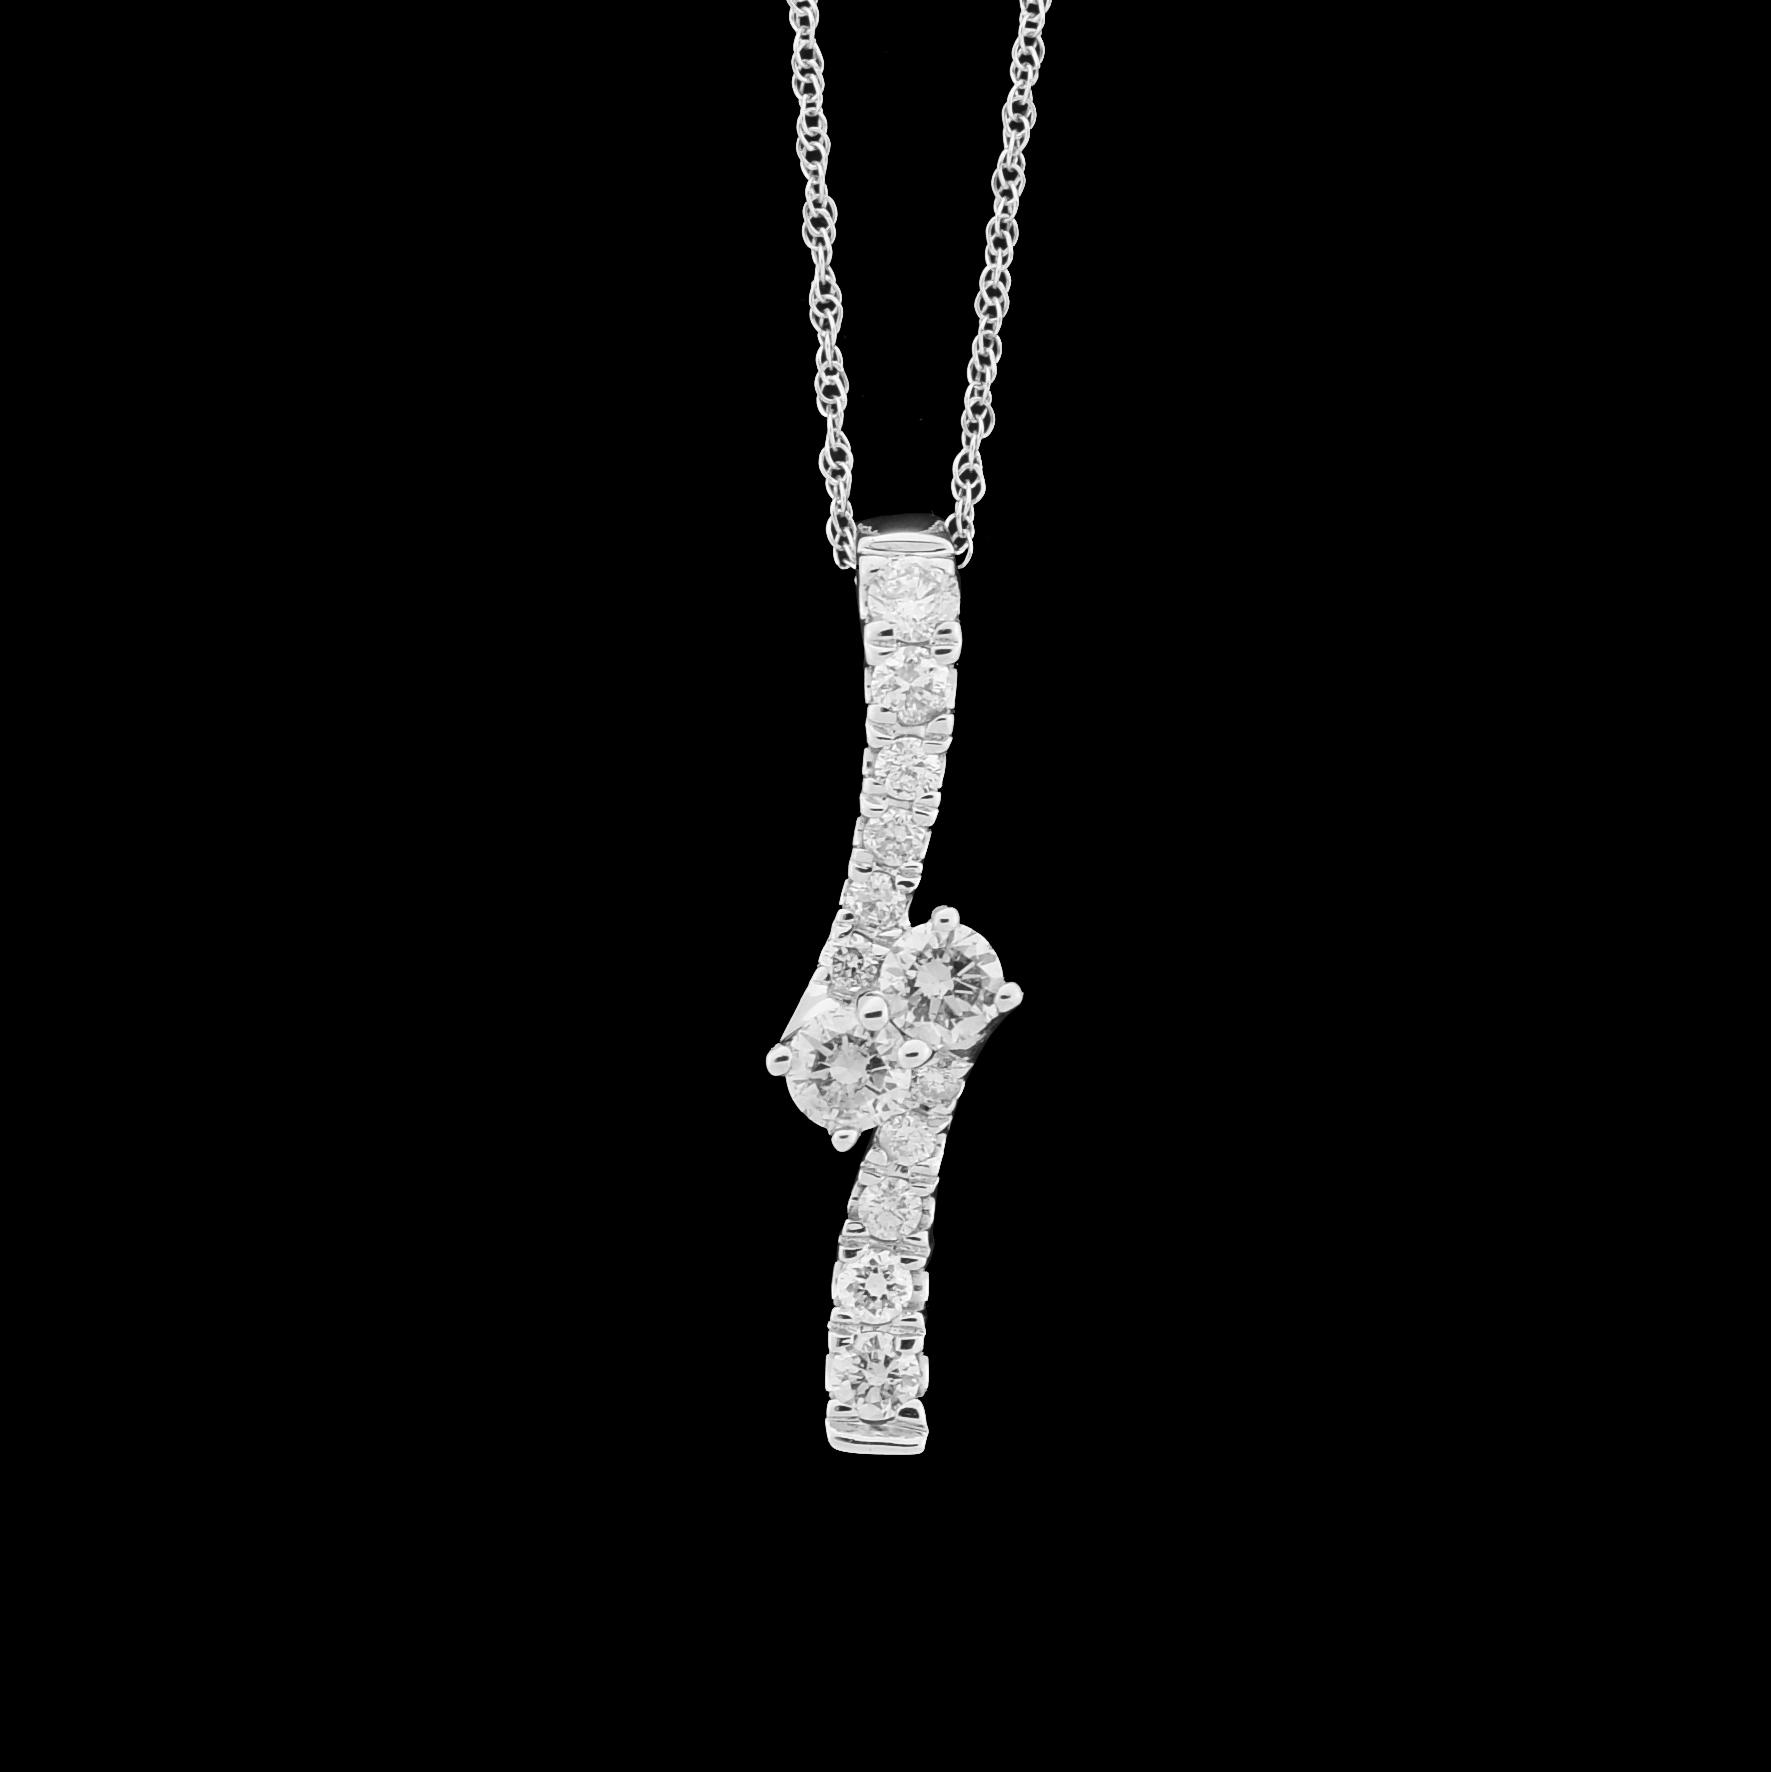 Precious Metals & Diamond Co Johnstown Jewelry